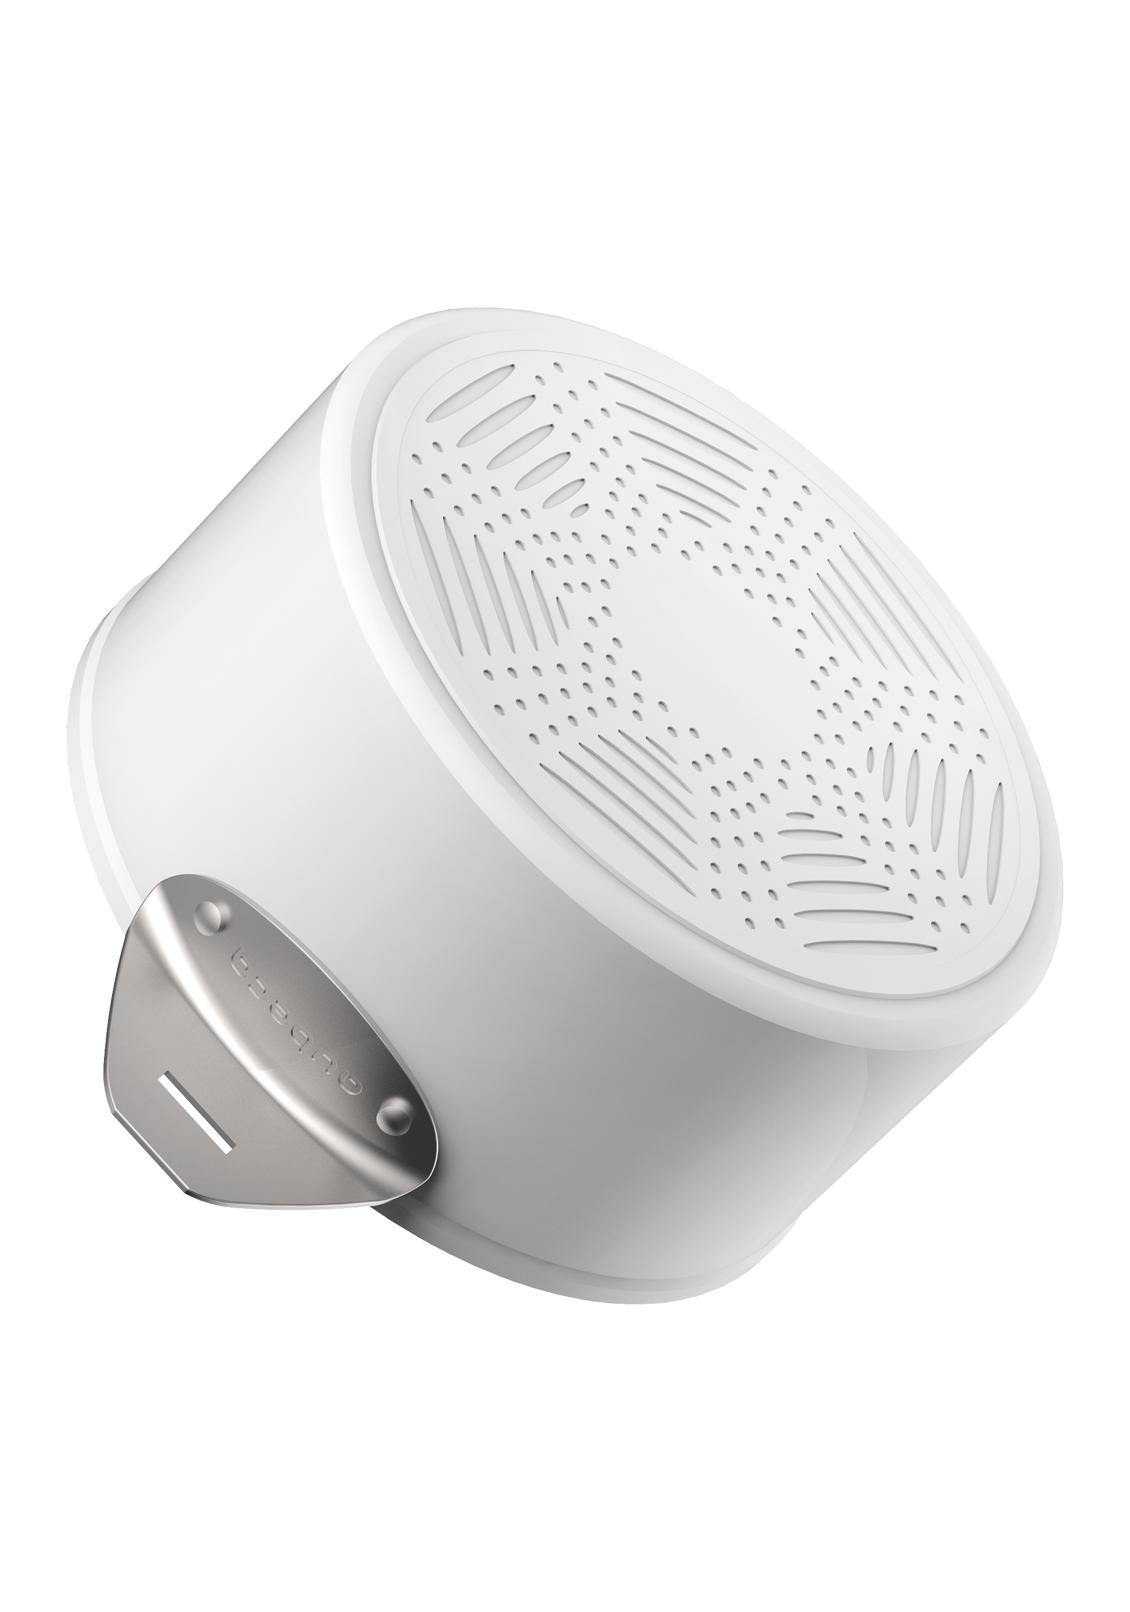 evergreen plug'nplay - AUBECQ est la seule marque à proposer une gamme céramique amovible. Cuisinez avec un matériau naturel tout en optimisant vos espaces !EN SAVOIR PLUS